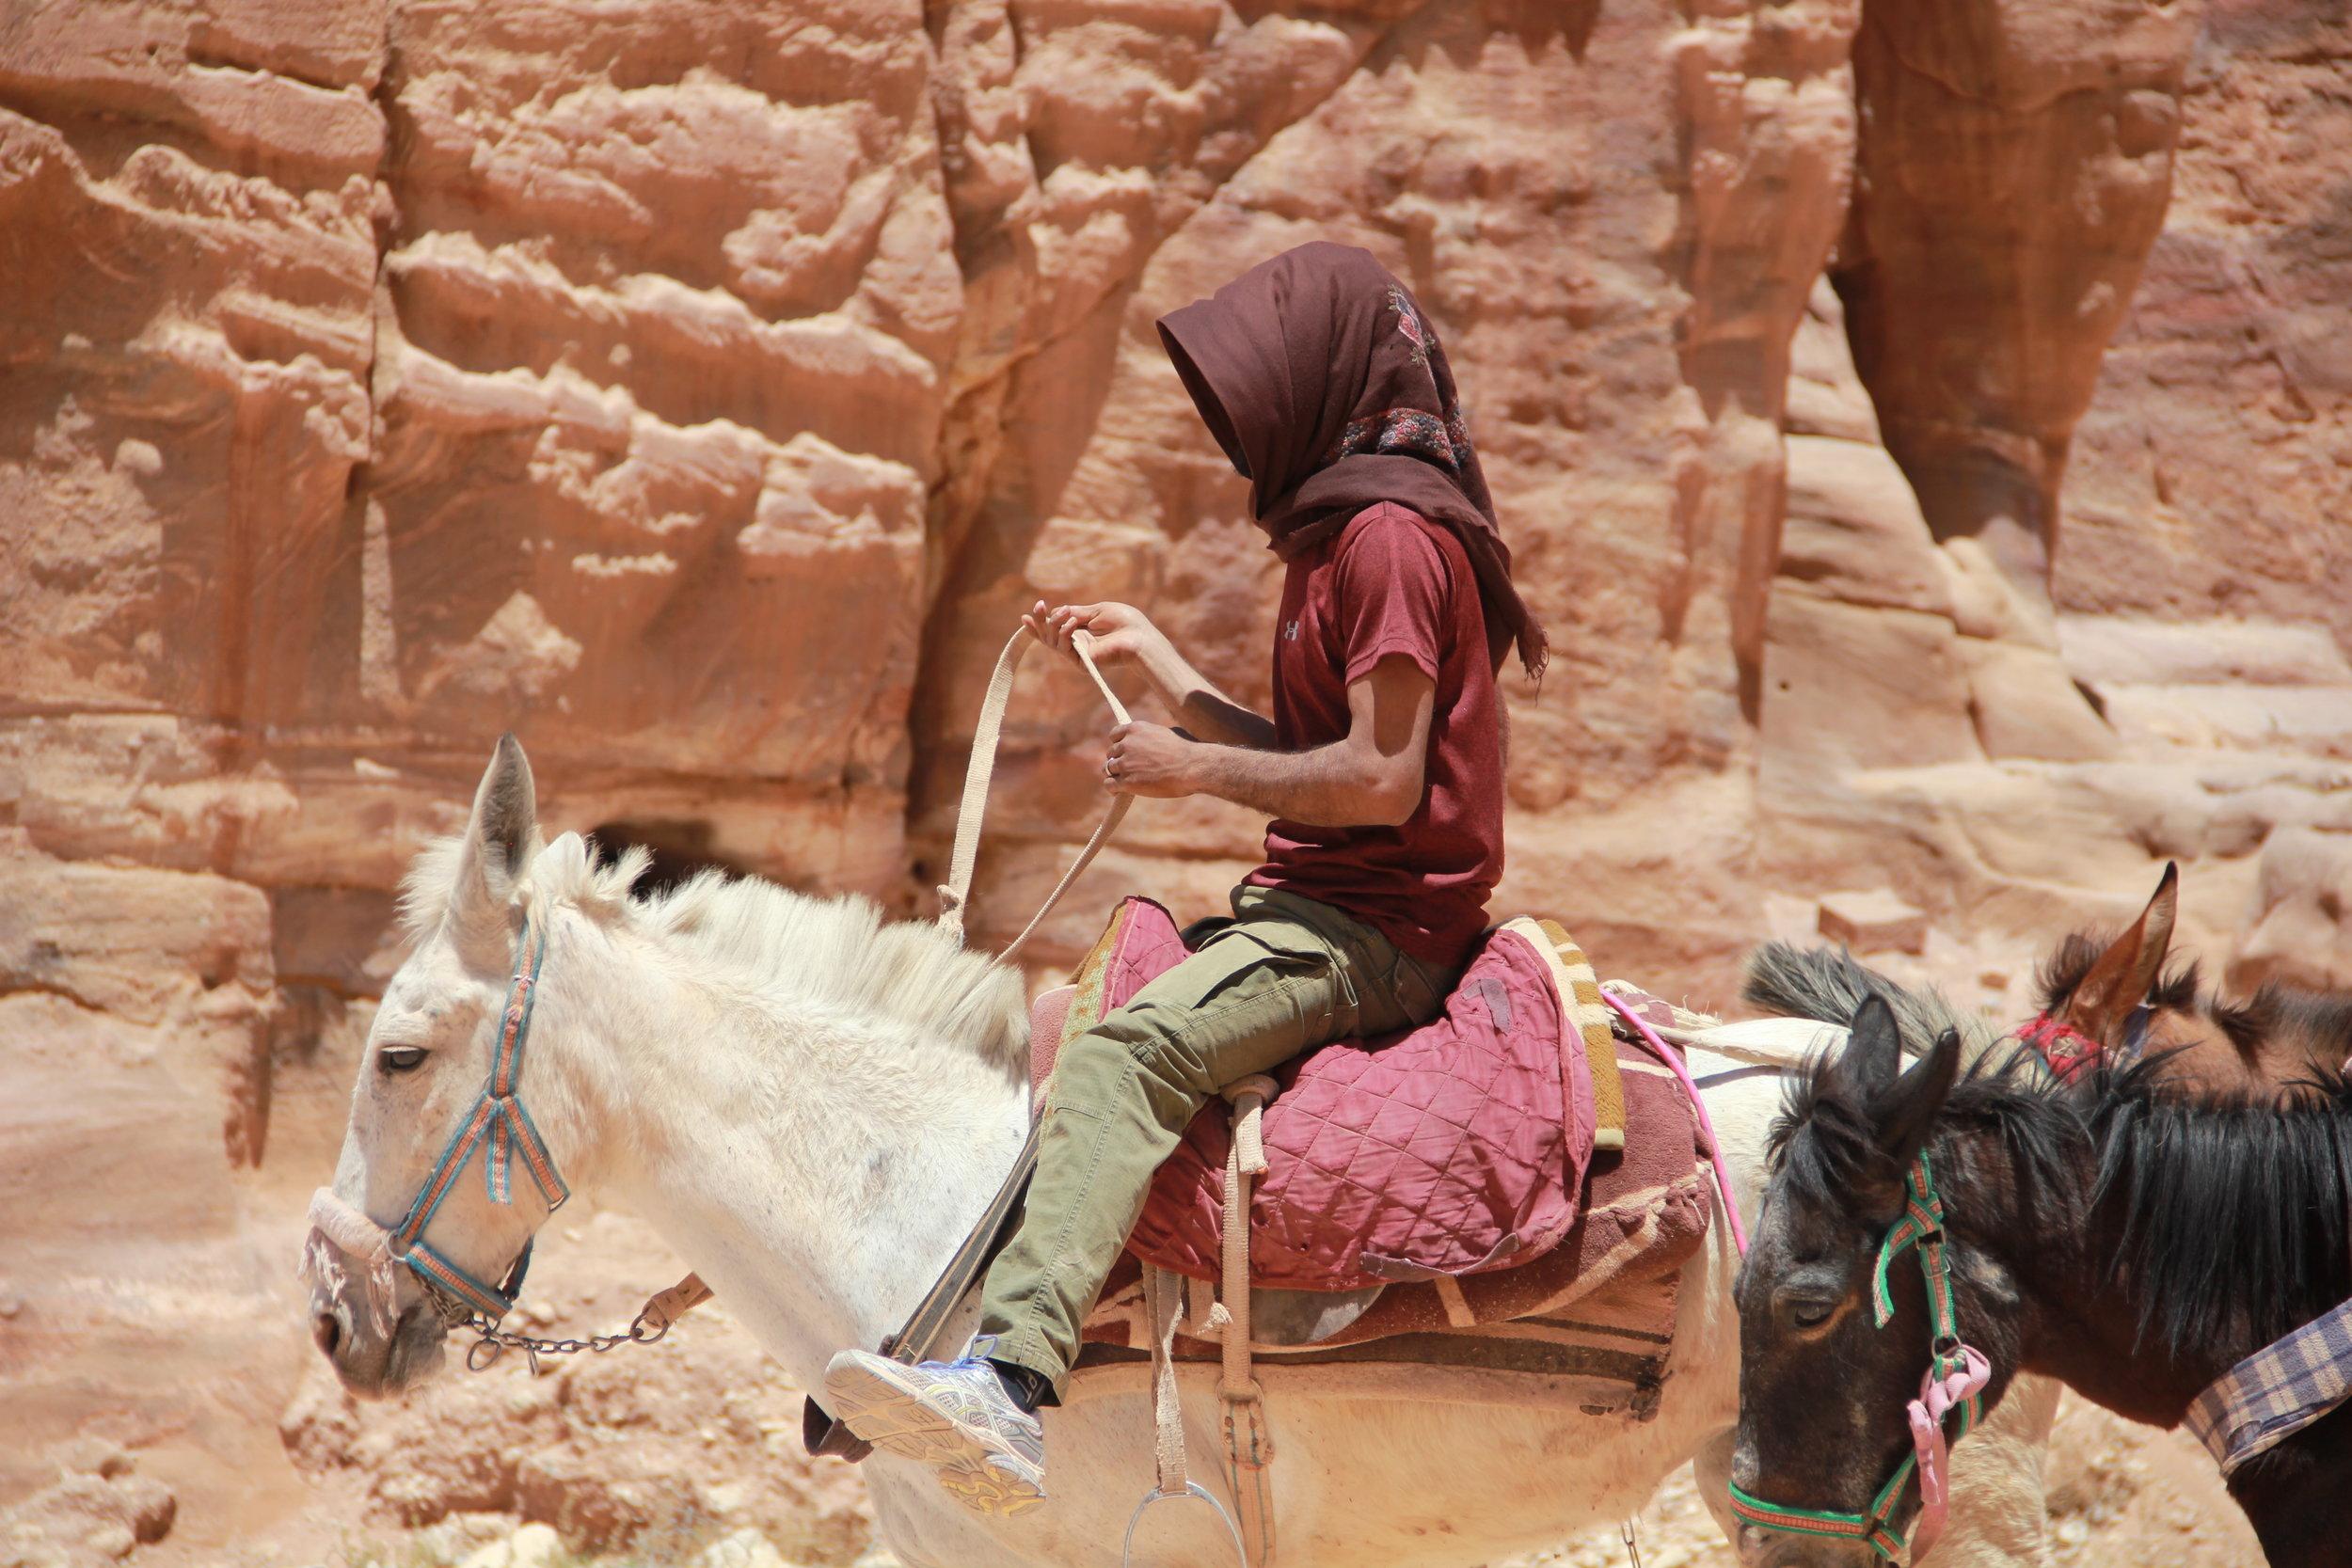 骑在马上的青年贝都因人,道听途说不少欧美女子,被他们脱俗和野性的魅力纷纷陷入爱河。